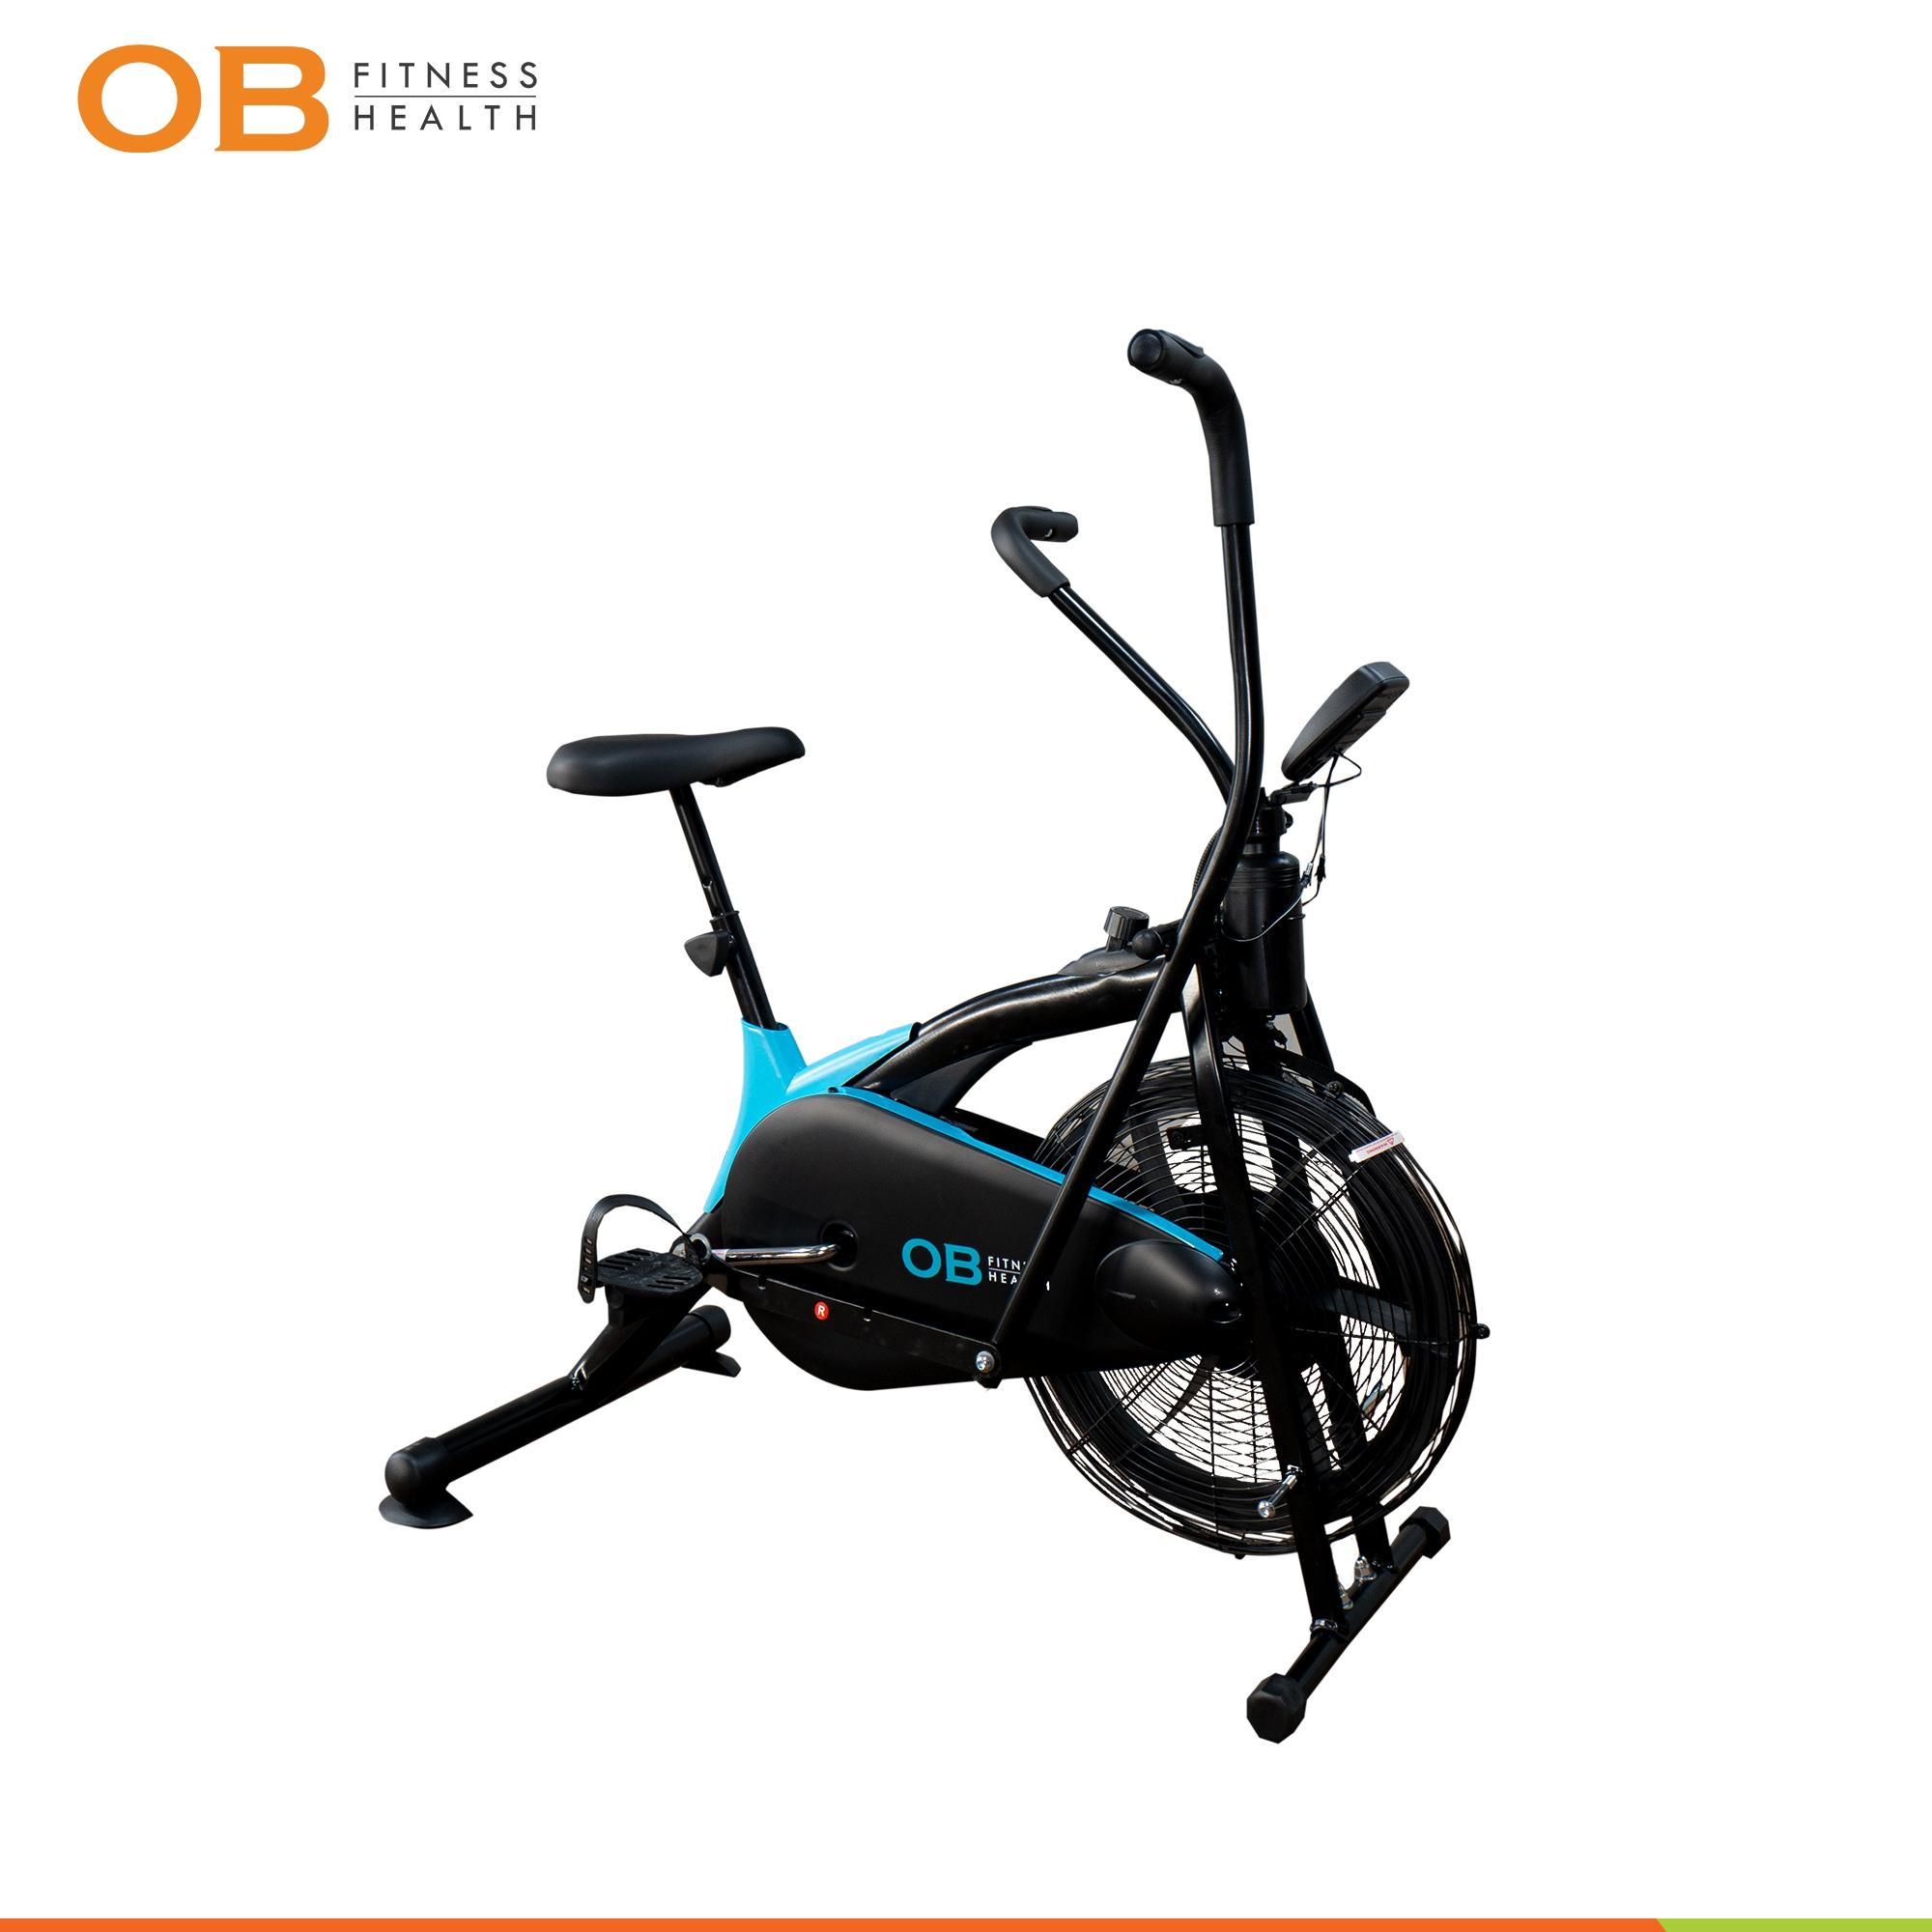 Dual Function Bike OB-6111 New Design Bike